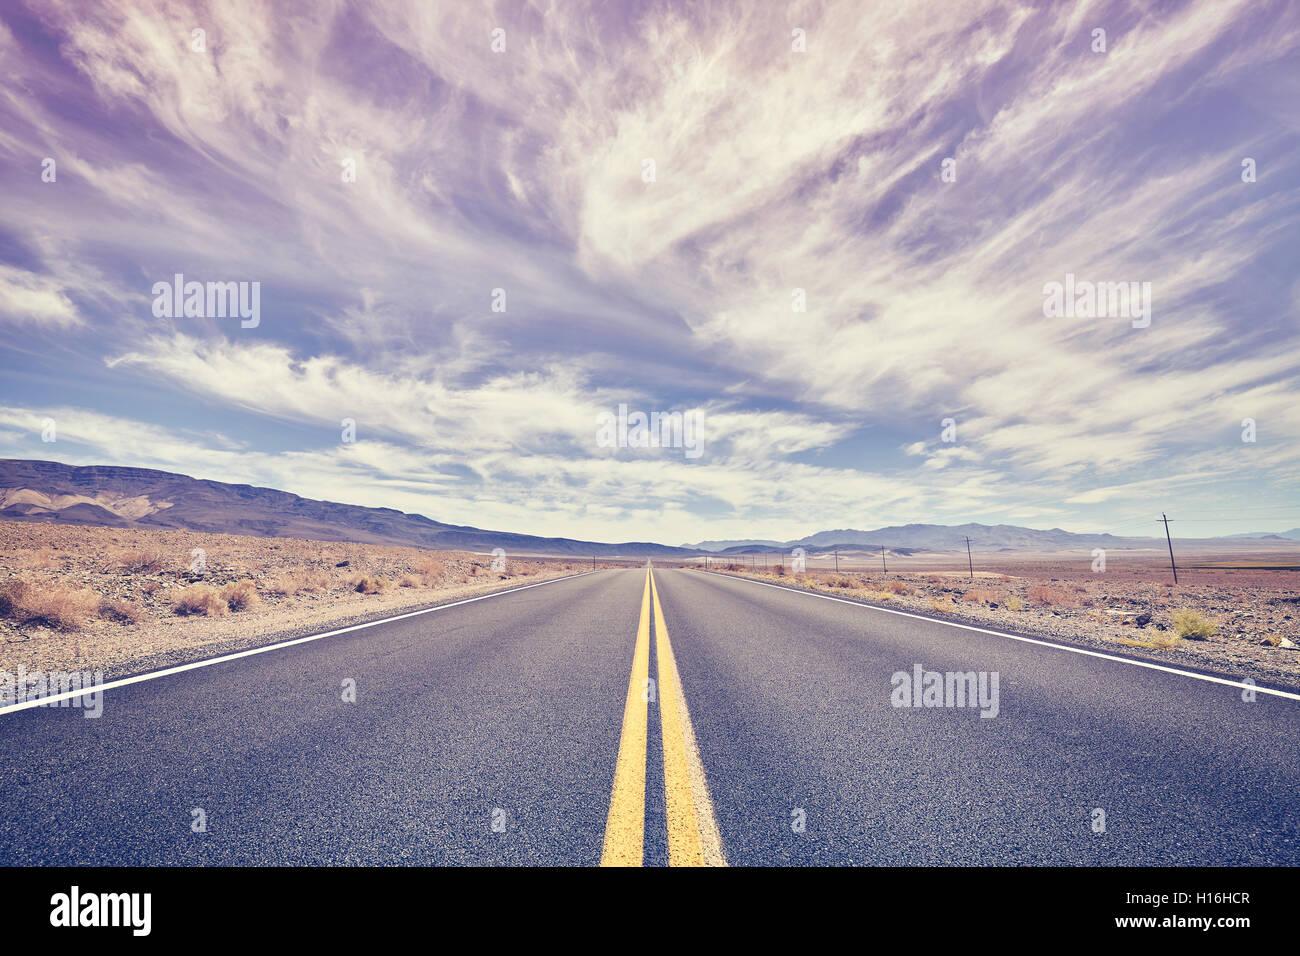 Deserto interminabile strada nella Valle della Morte, quarzo rosa e serenità nei toni del colore, il concetto Immagini Stock